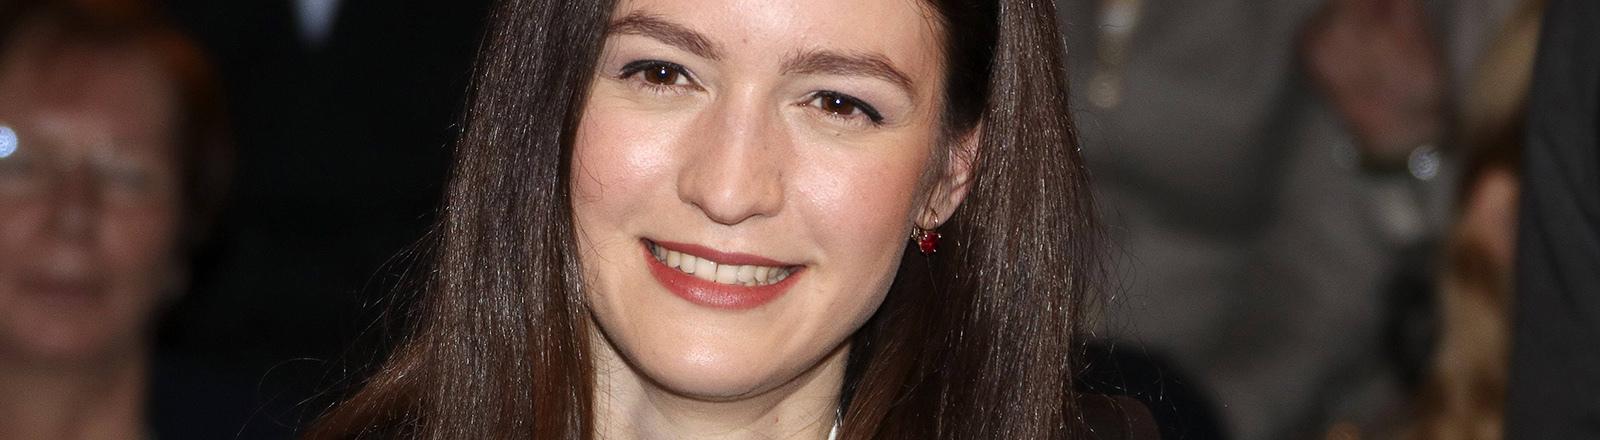 Lächelnde, junge Frau